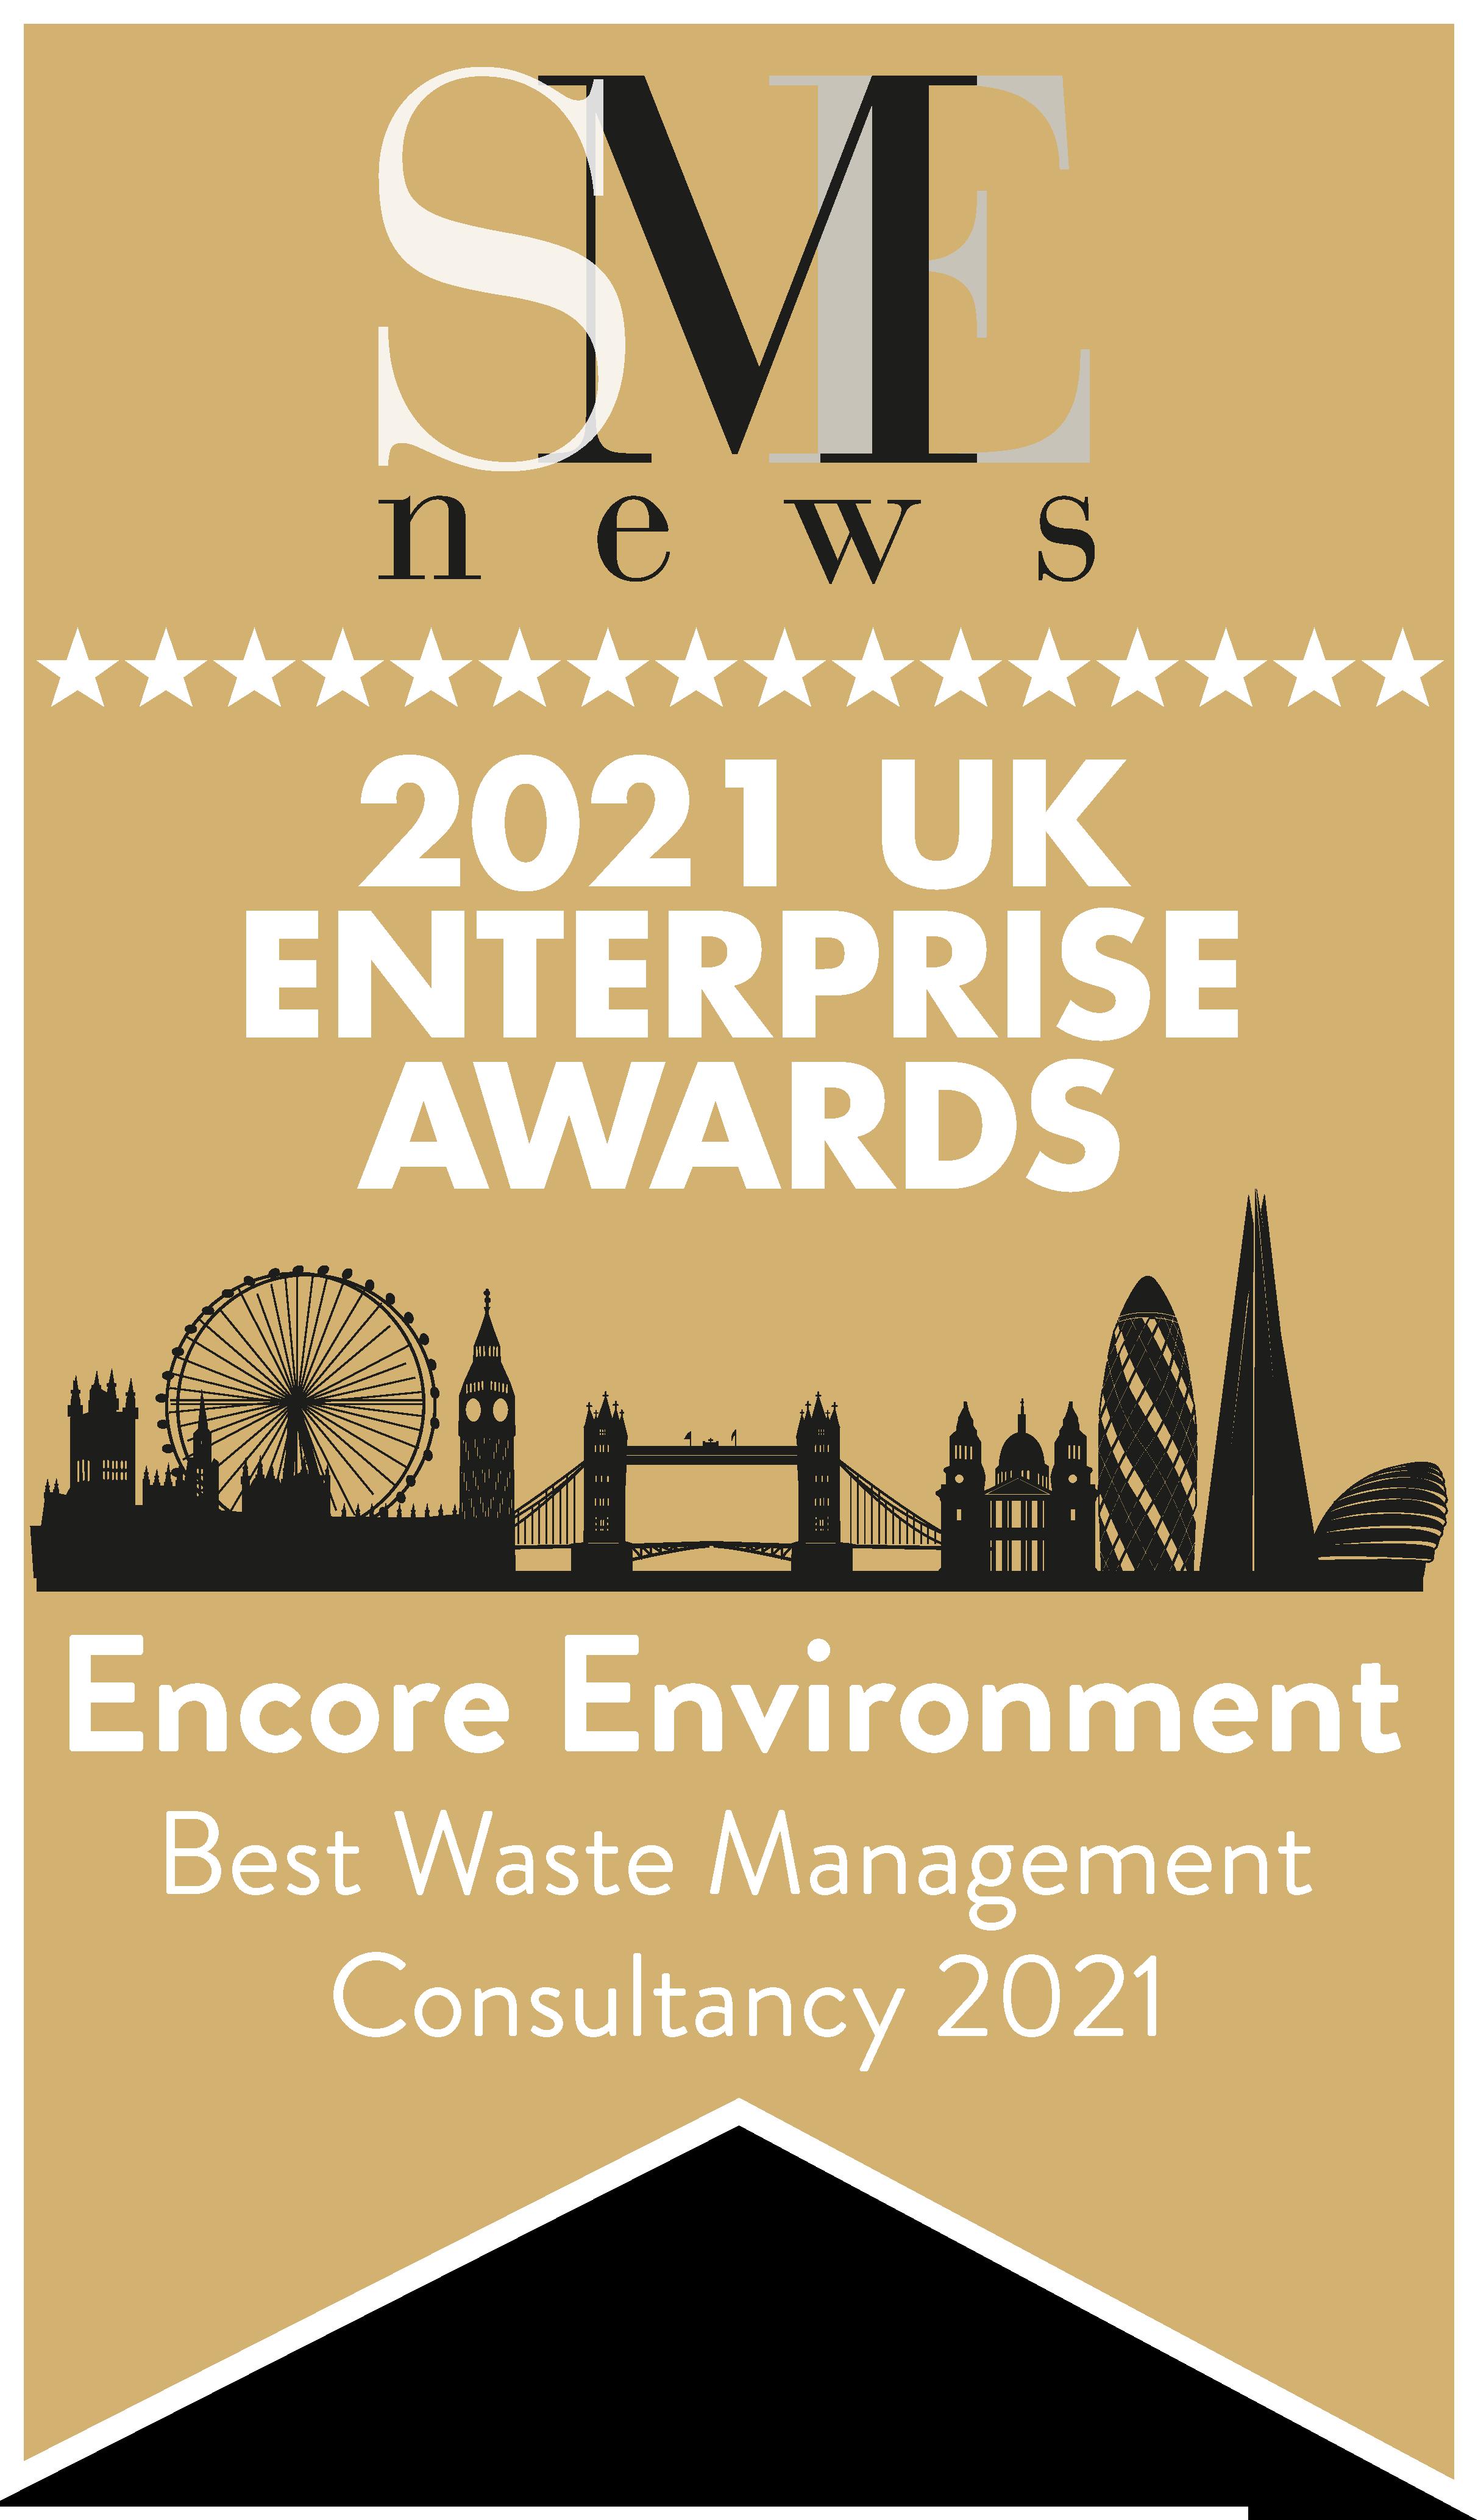 Best Waste Management Consultancy